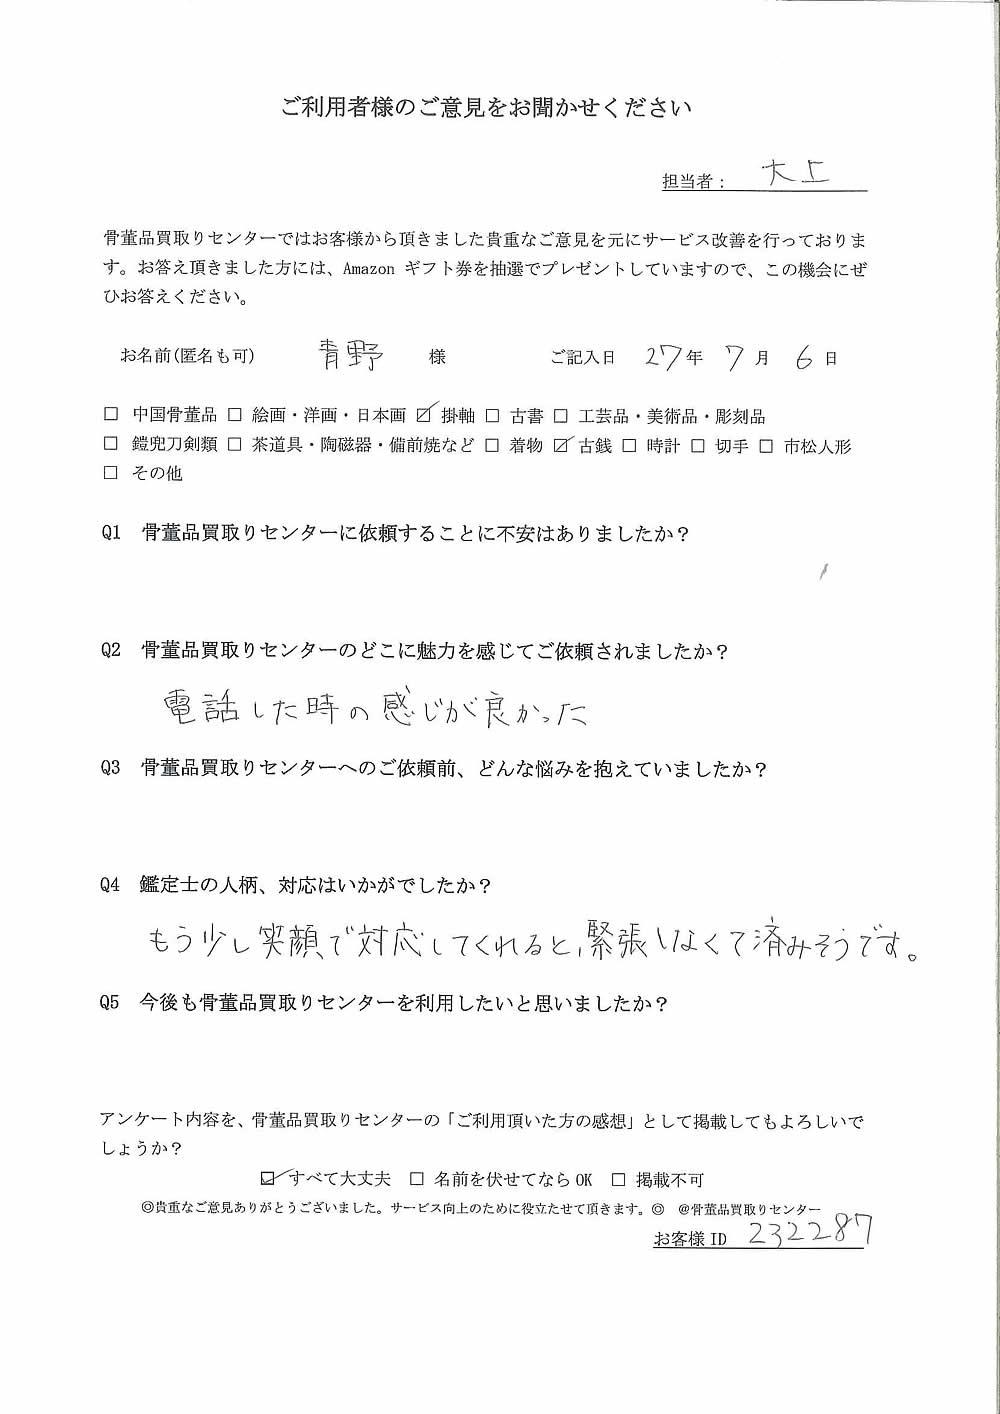 【大阪】古銭、掛軸買取り ご利用者様の声